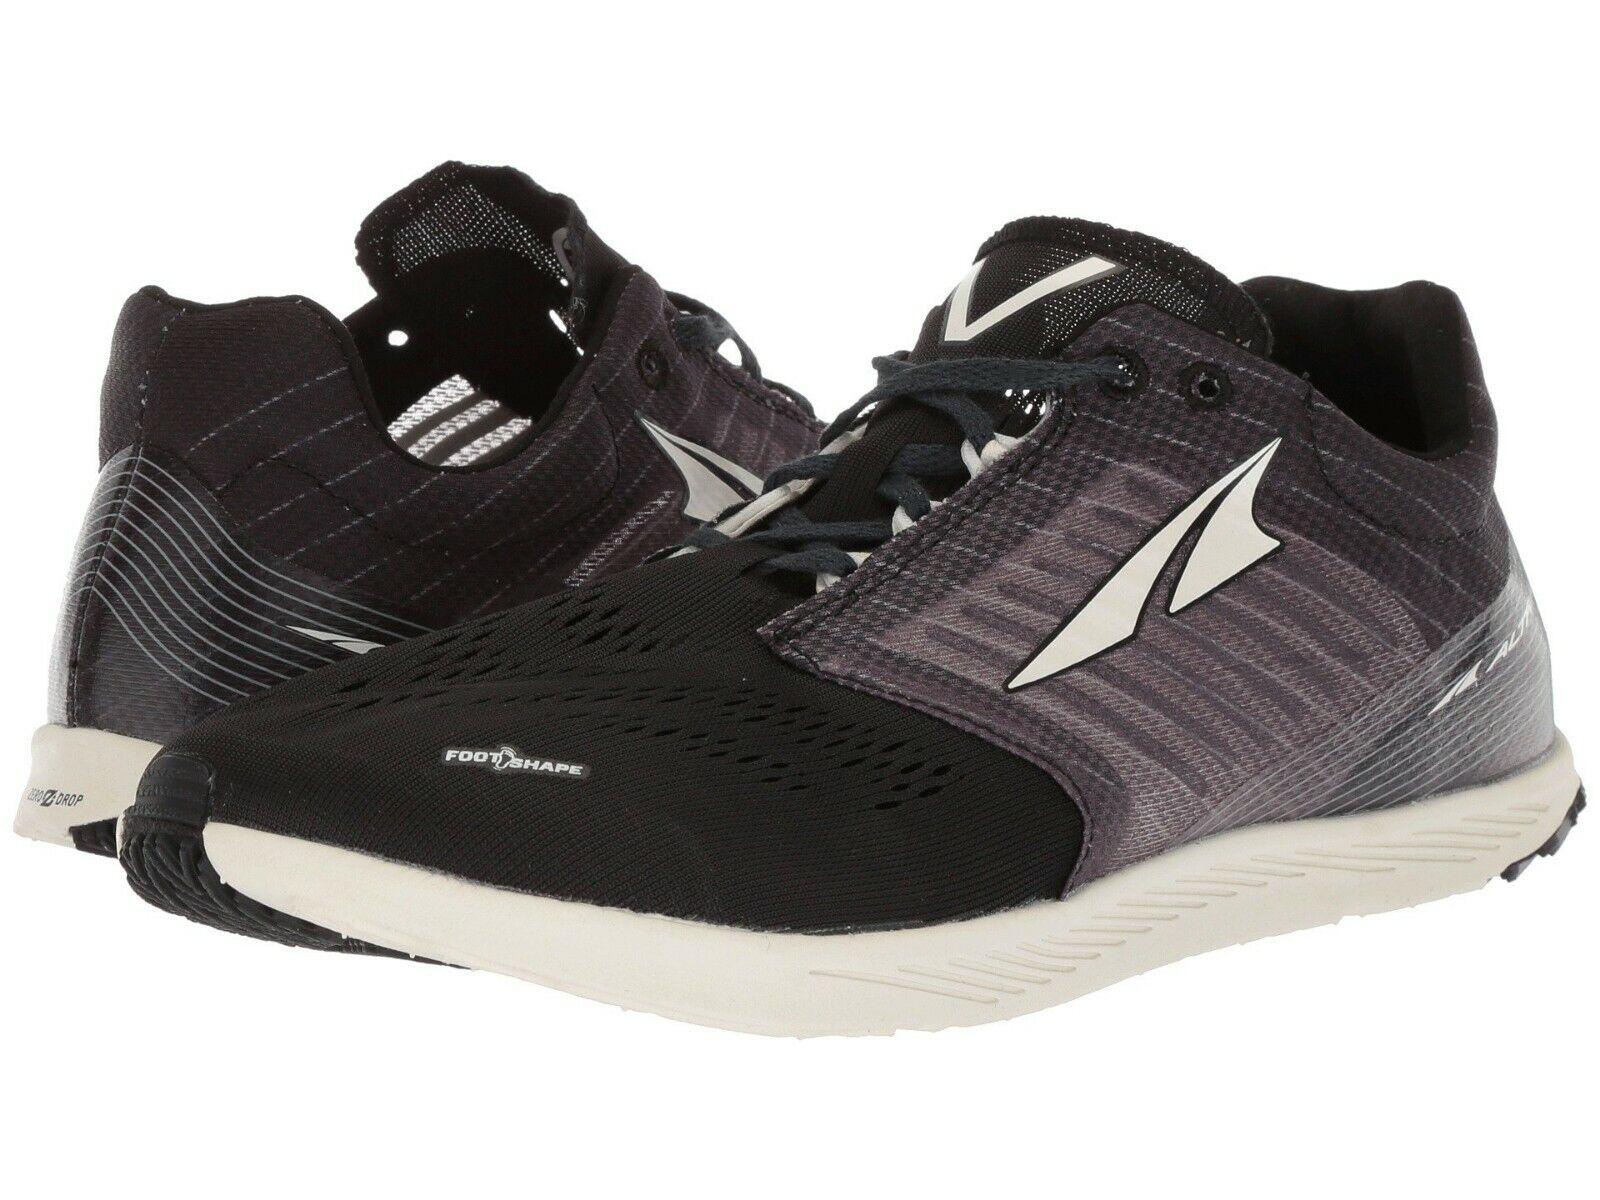 Altra Vanish-R Zapatos Para Correr, De Hombre Tallas 12-12.5 D, Negro,  nuevo